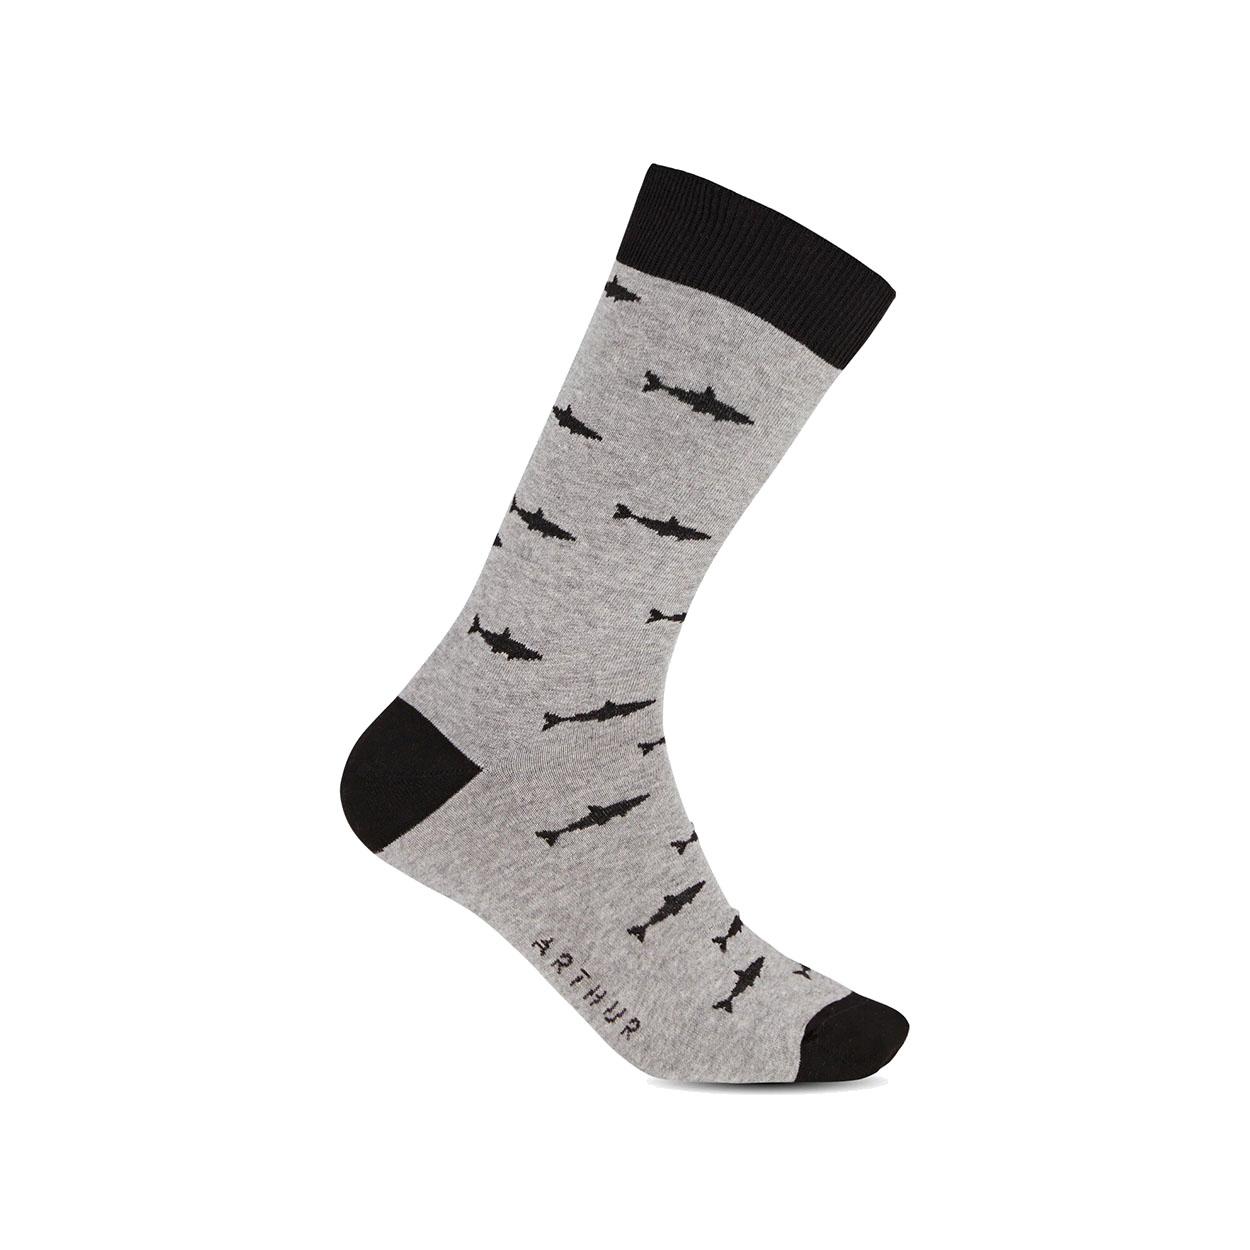 Chaussettes hautes  en coton mélangé gris chiné à motifs requins noirs